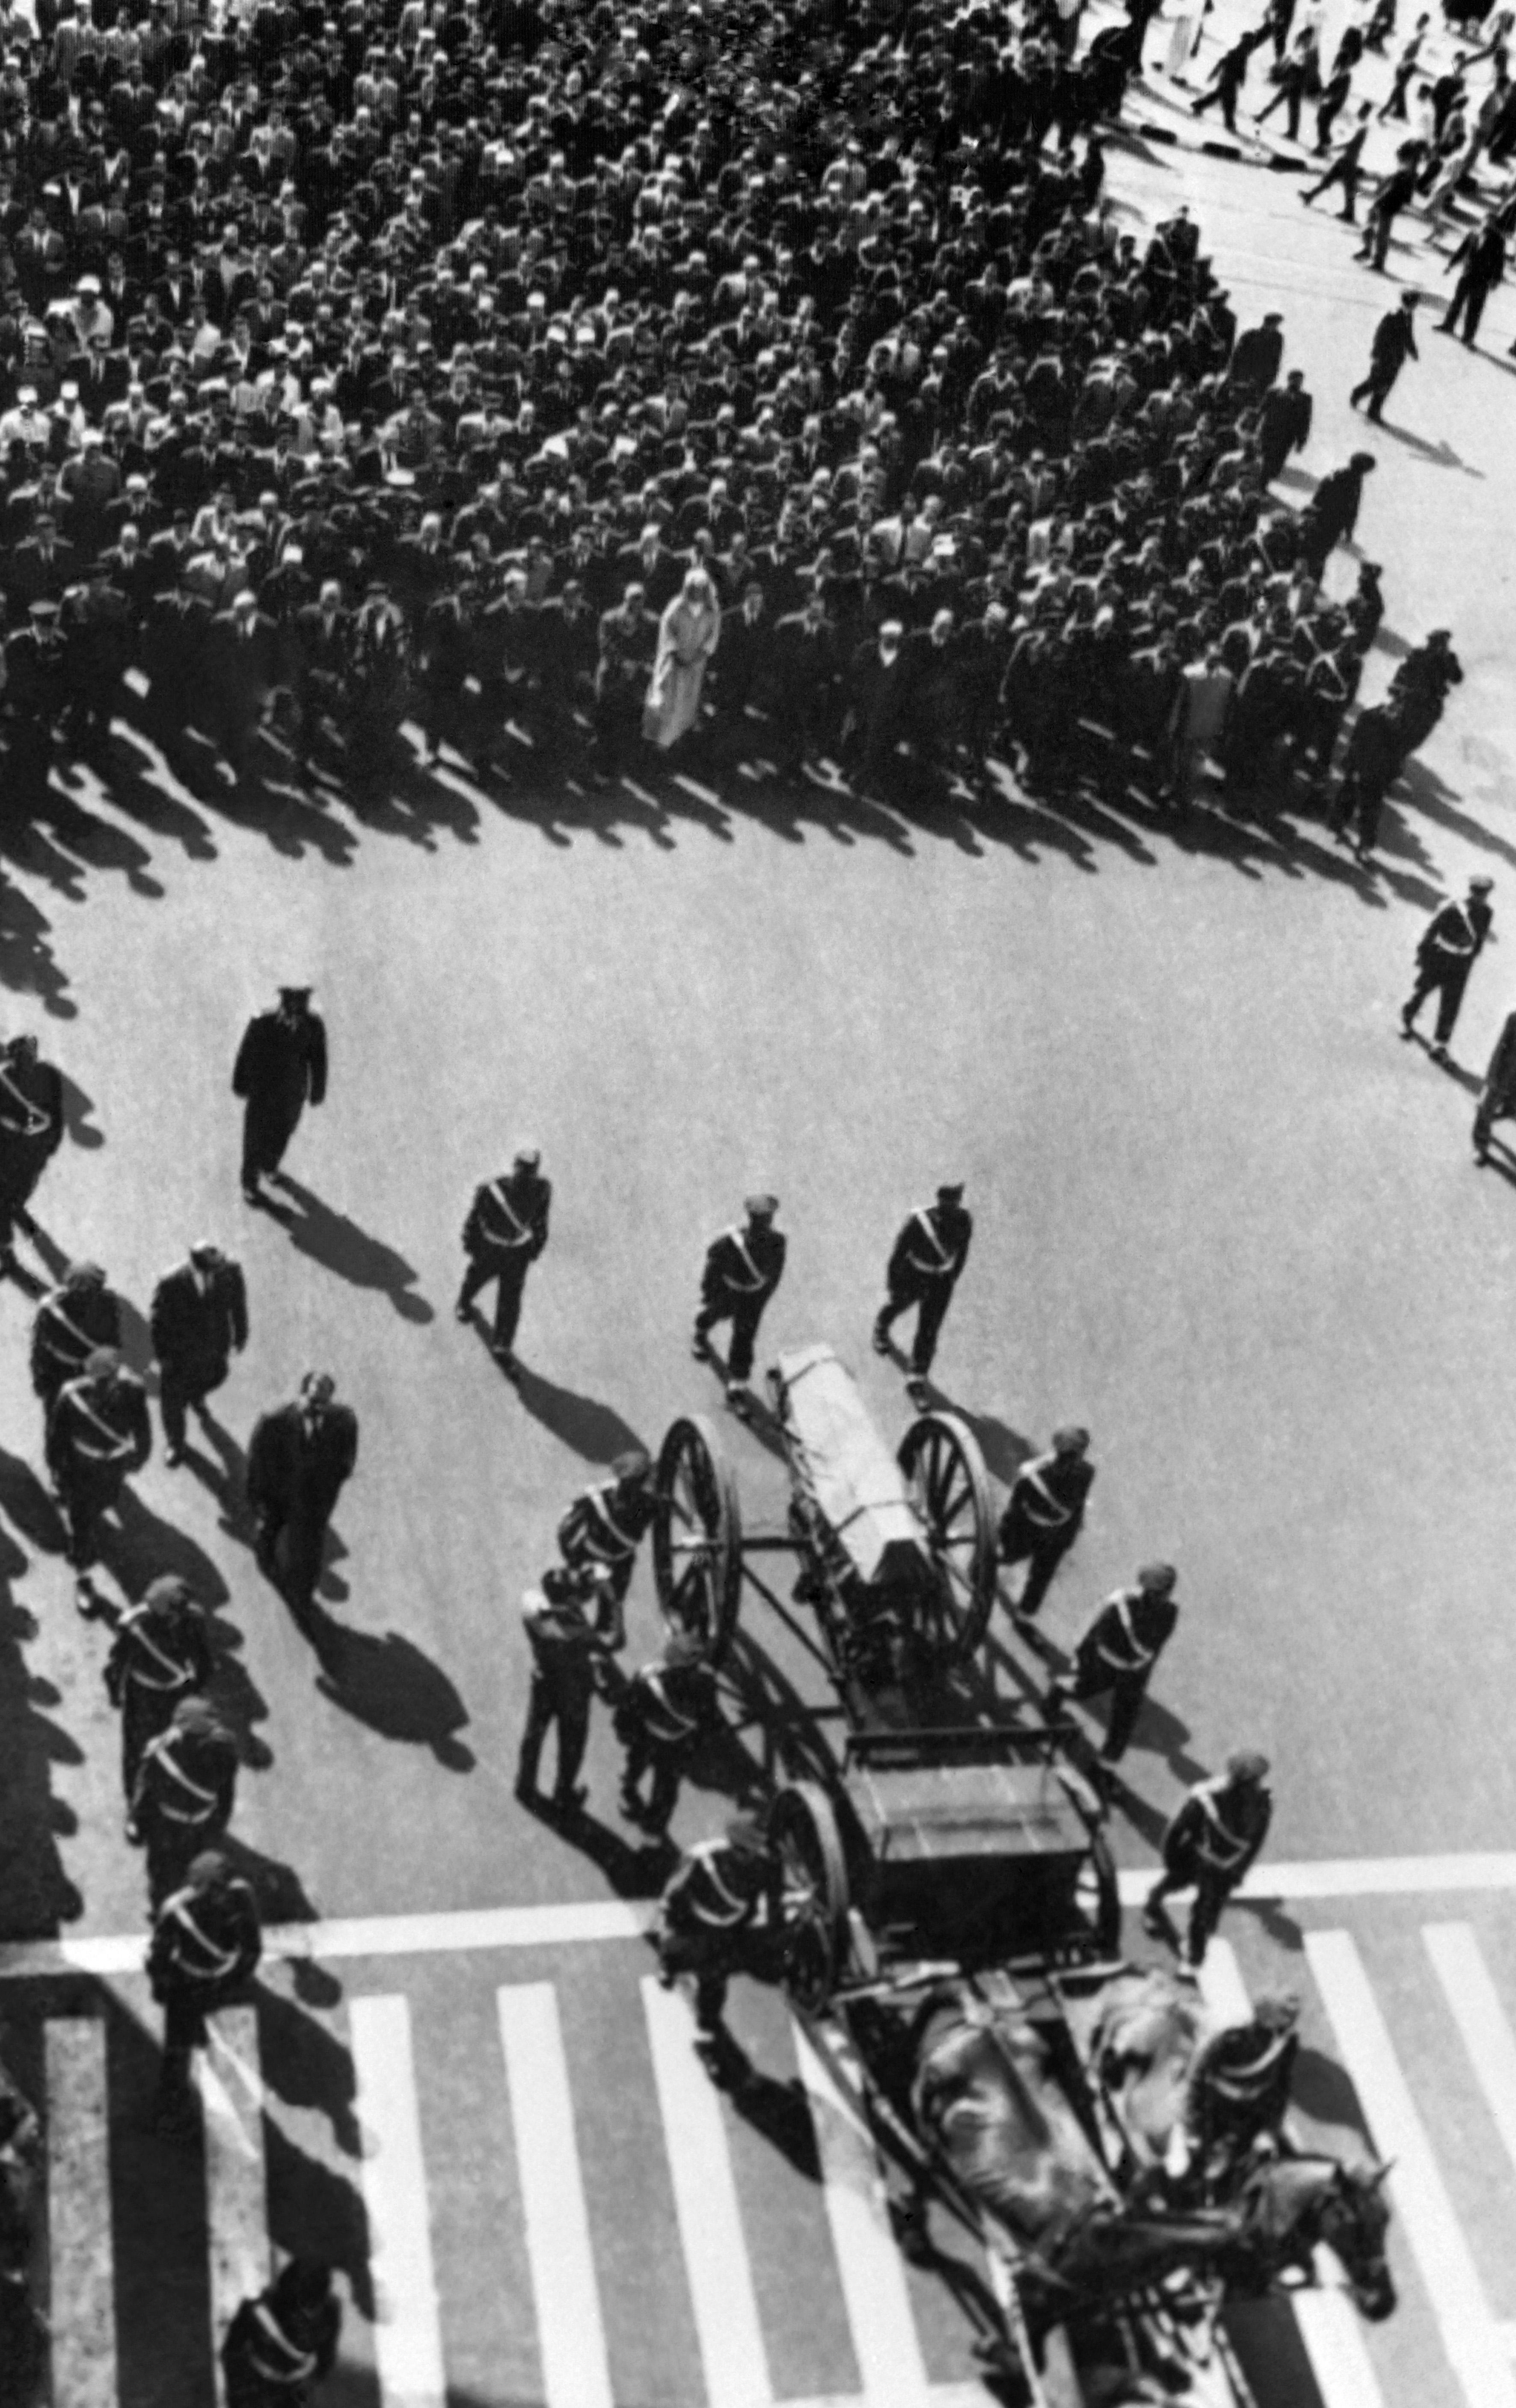 جنازة الخطابي عام 1963